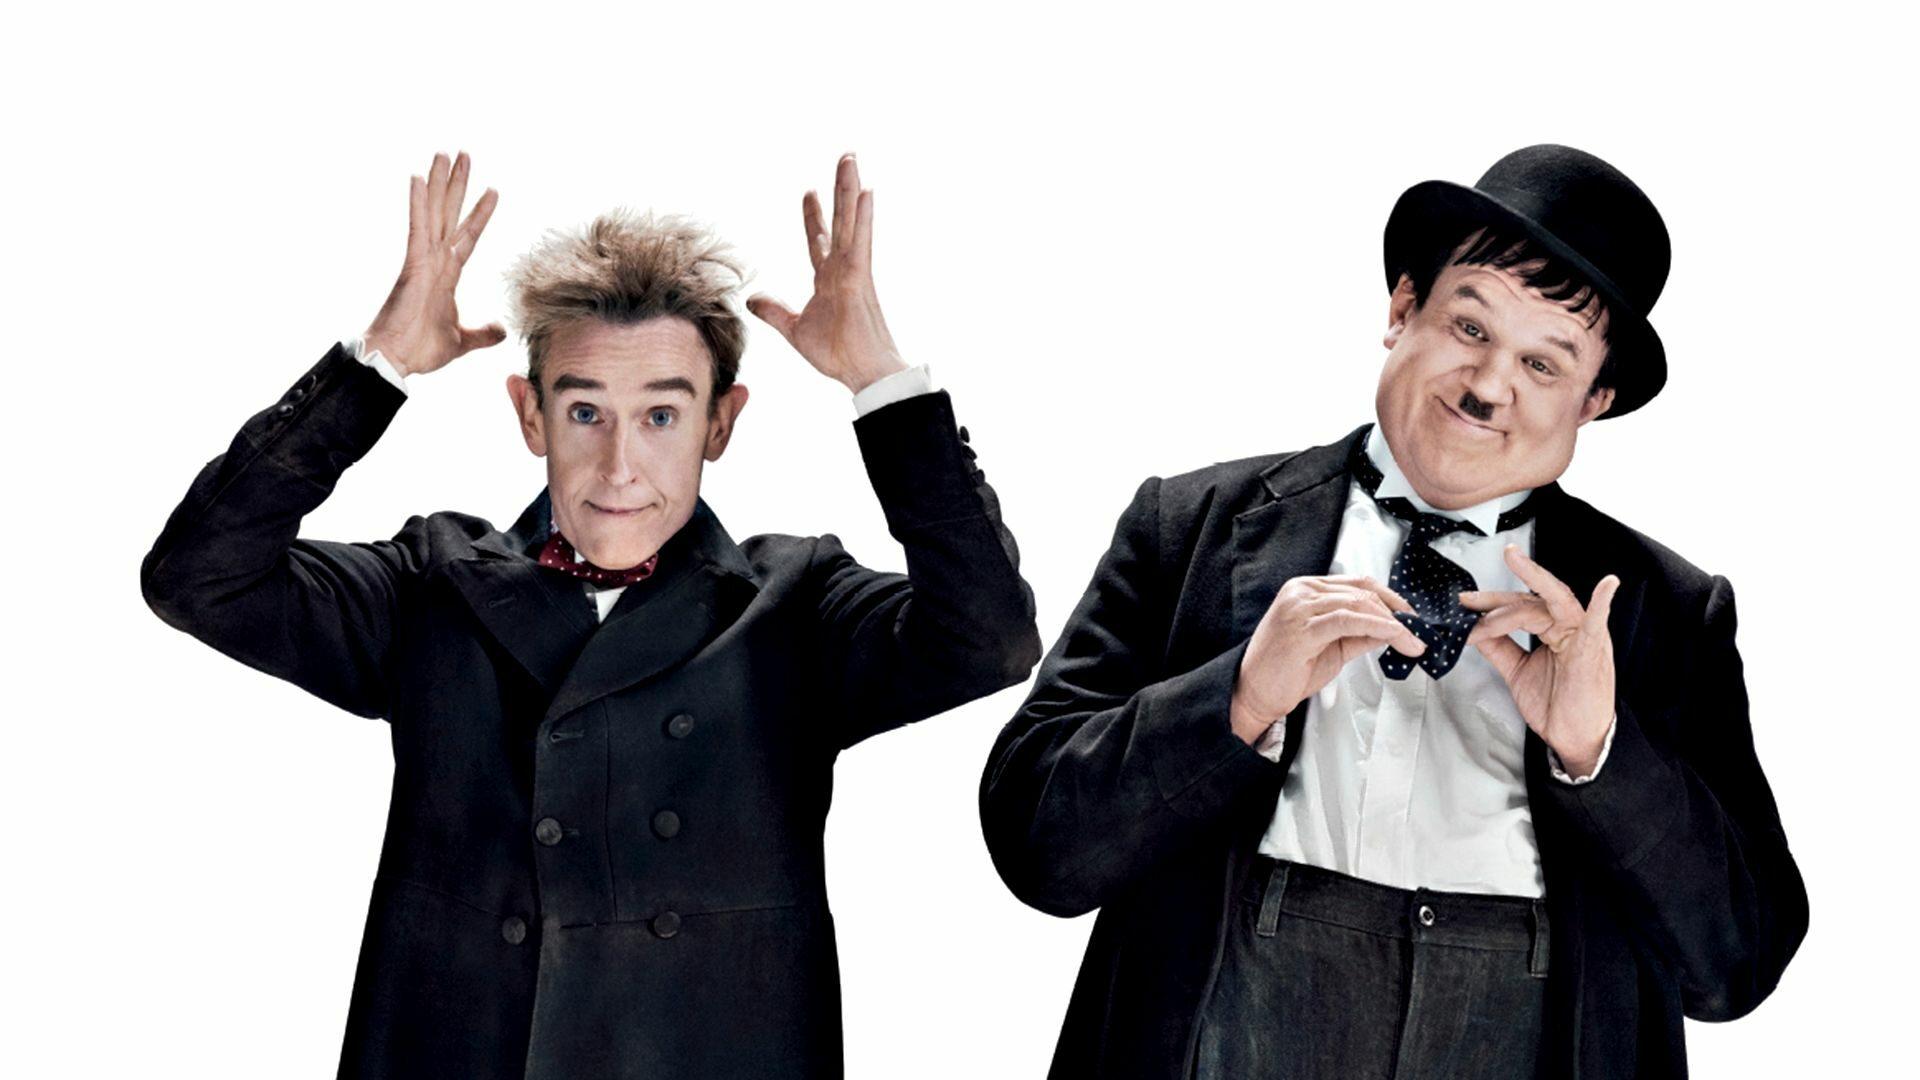 Steve Coogan ja John C. Reilly muuntautuvat vaikuttavasti koomikkolegendakaksikko Oliver Hardyksi ja Stan Laureliksi.